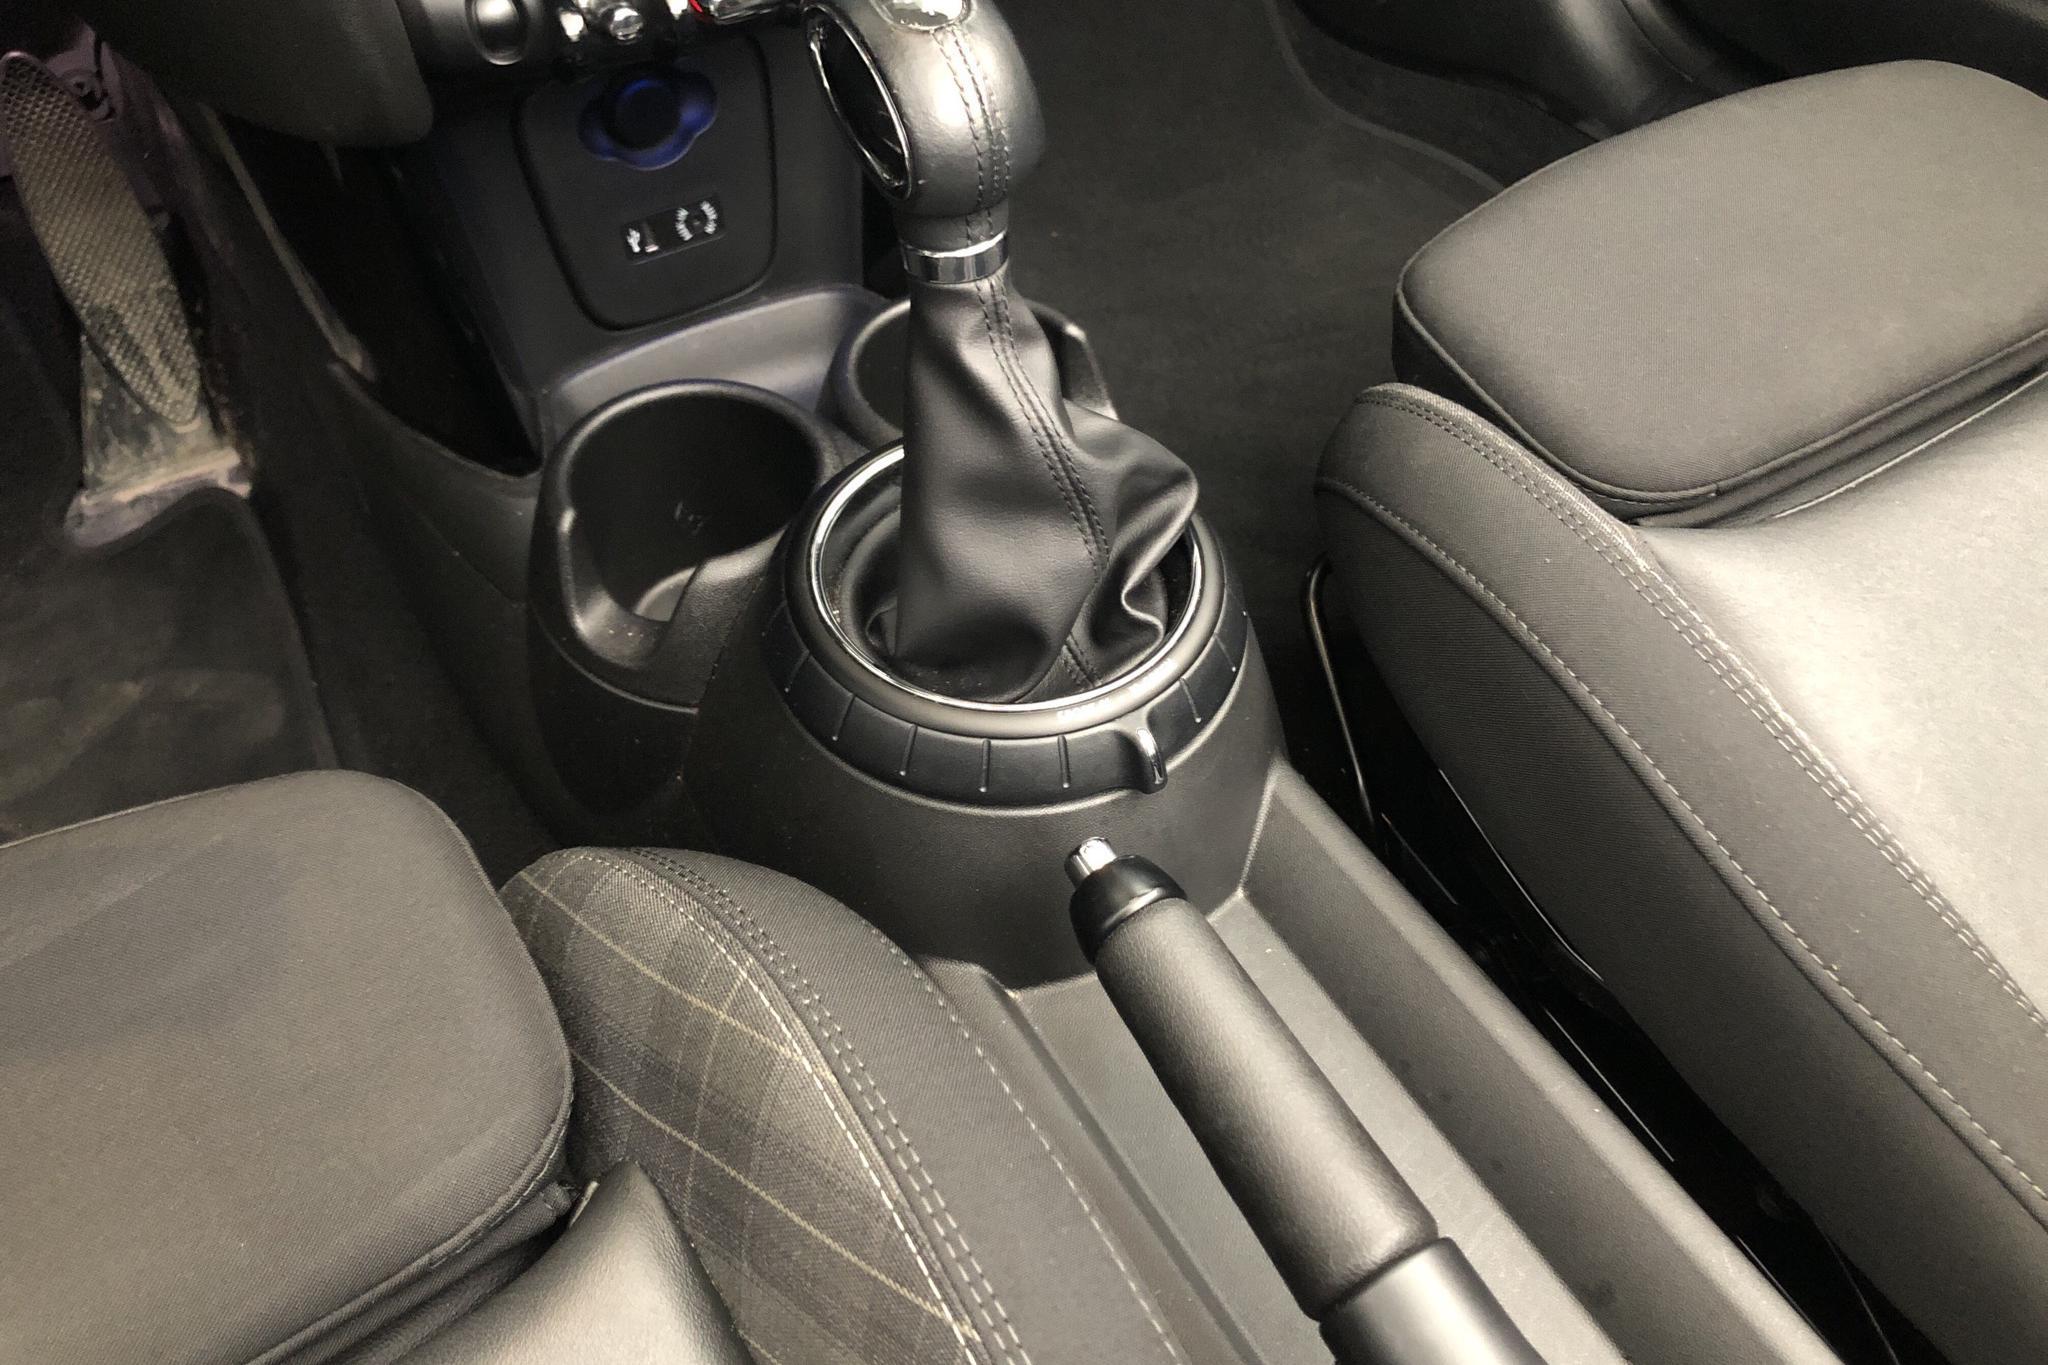 MINI Cooper Cabriolet (136hk) - 27 640 km - Automatic - gray - 2016